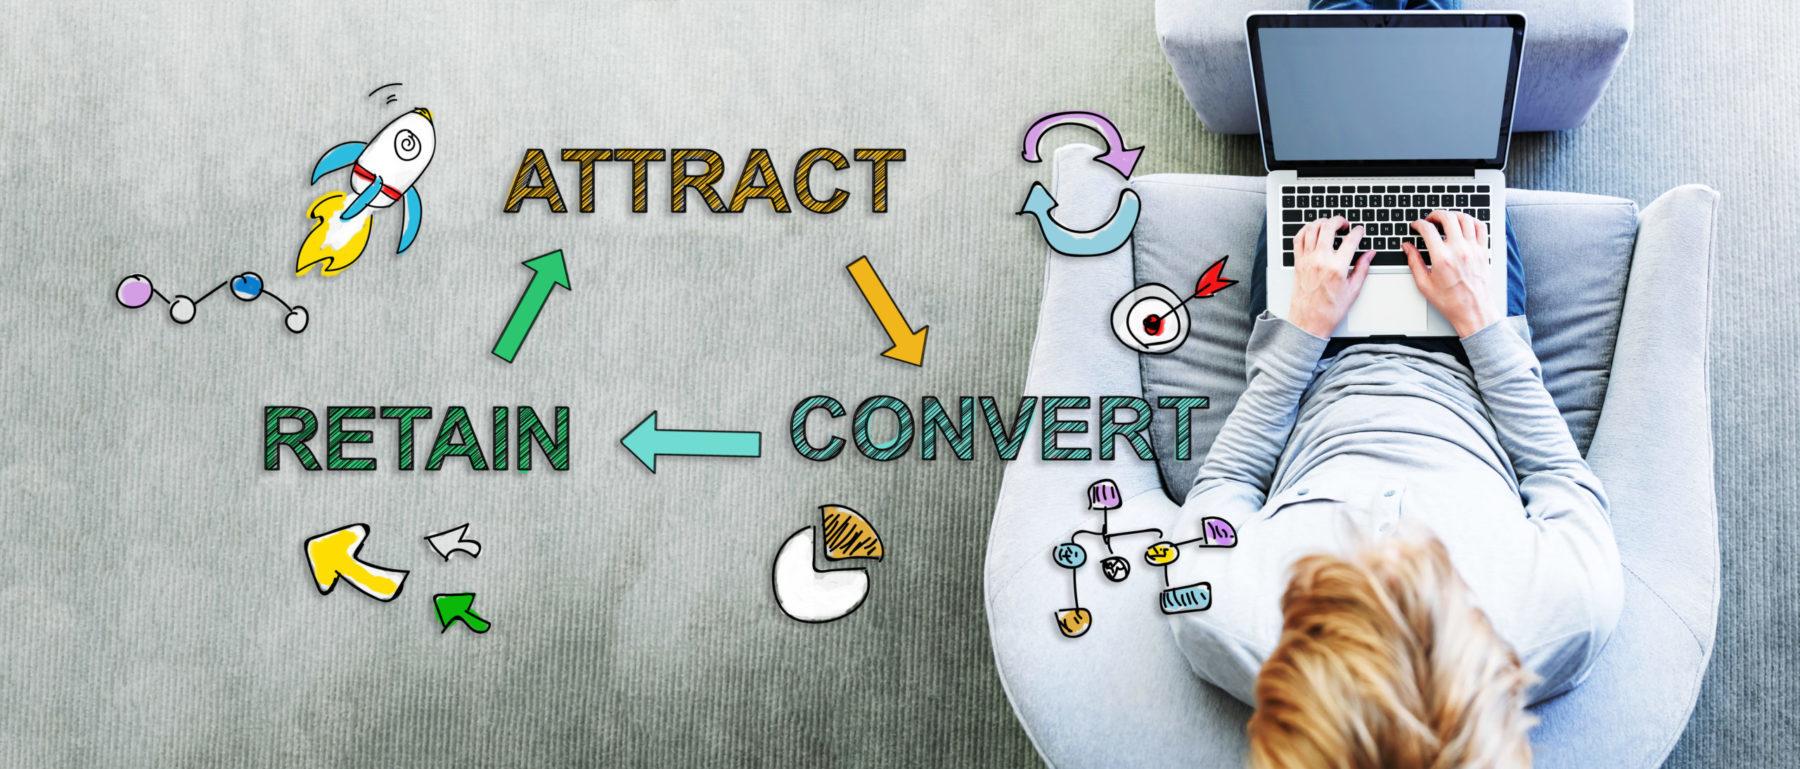 Marketing digital - stratégie de lead nurturing